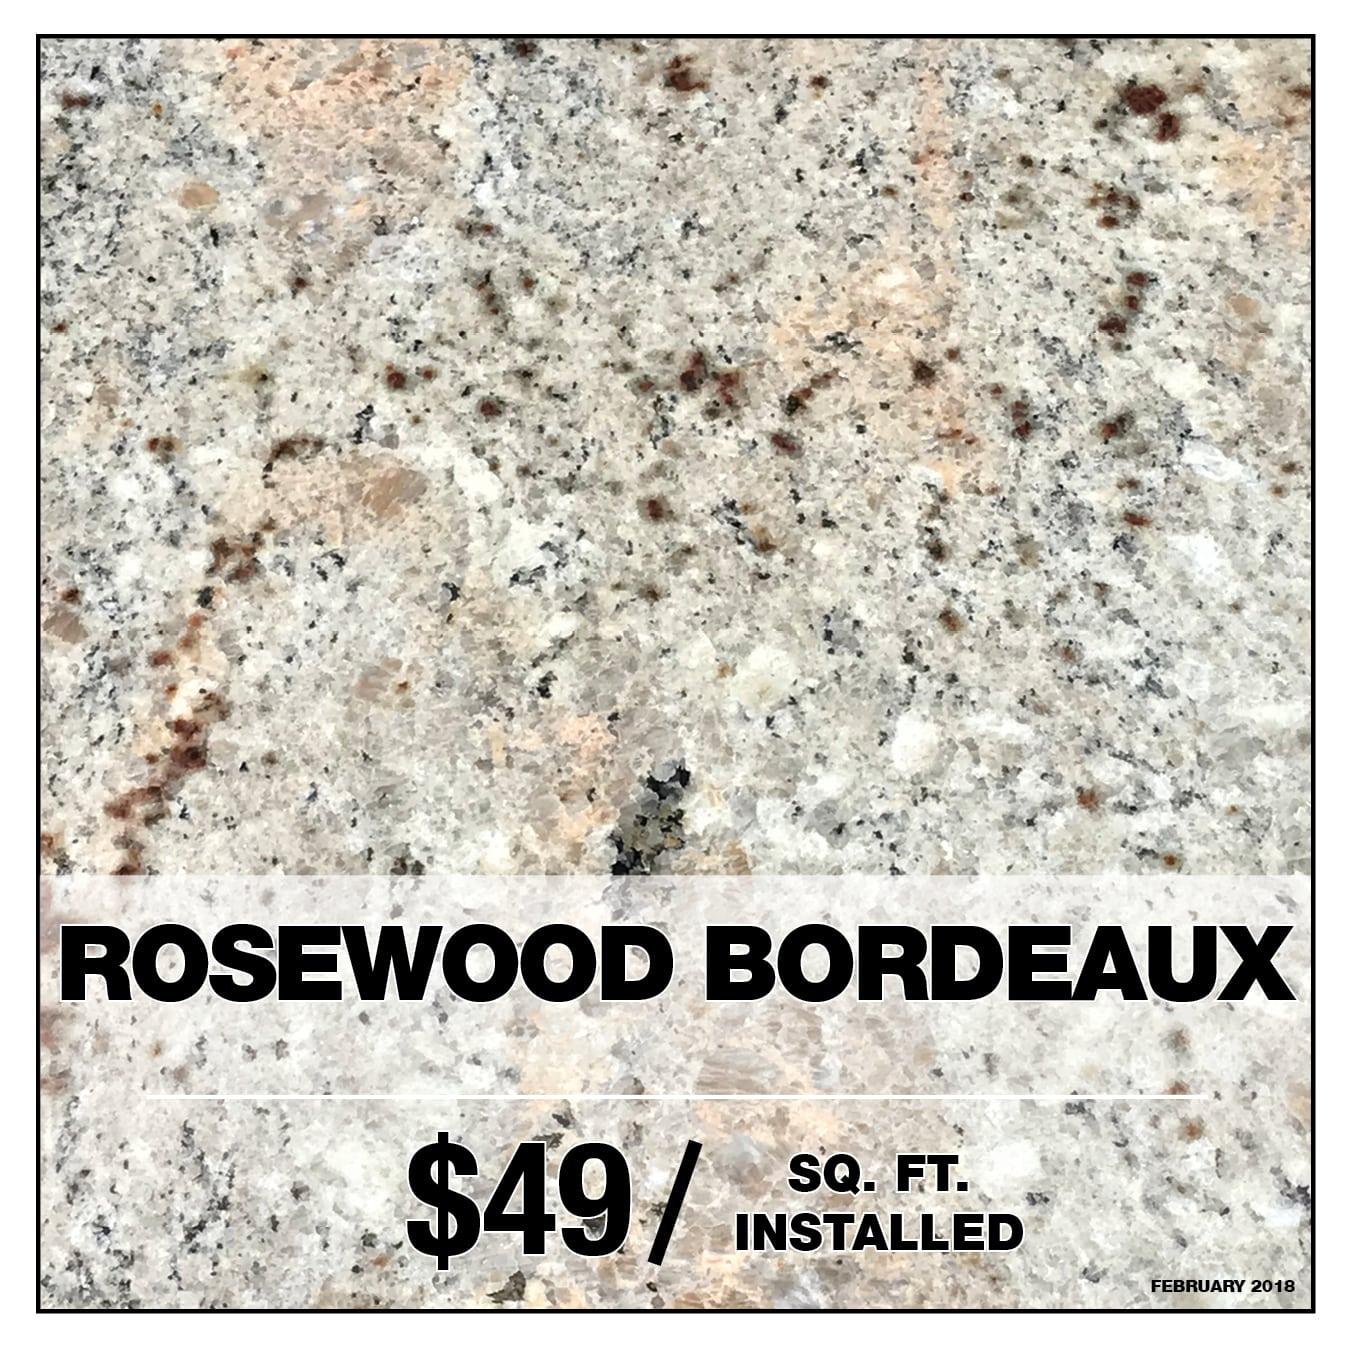 Rosewood Bordeaux